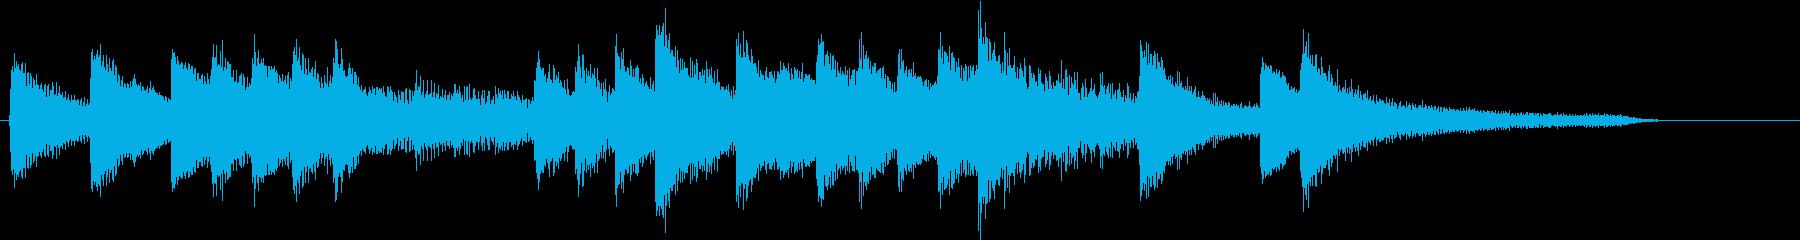 温かみある優しいメロディのピアノジングルの再生済みの波形